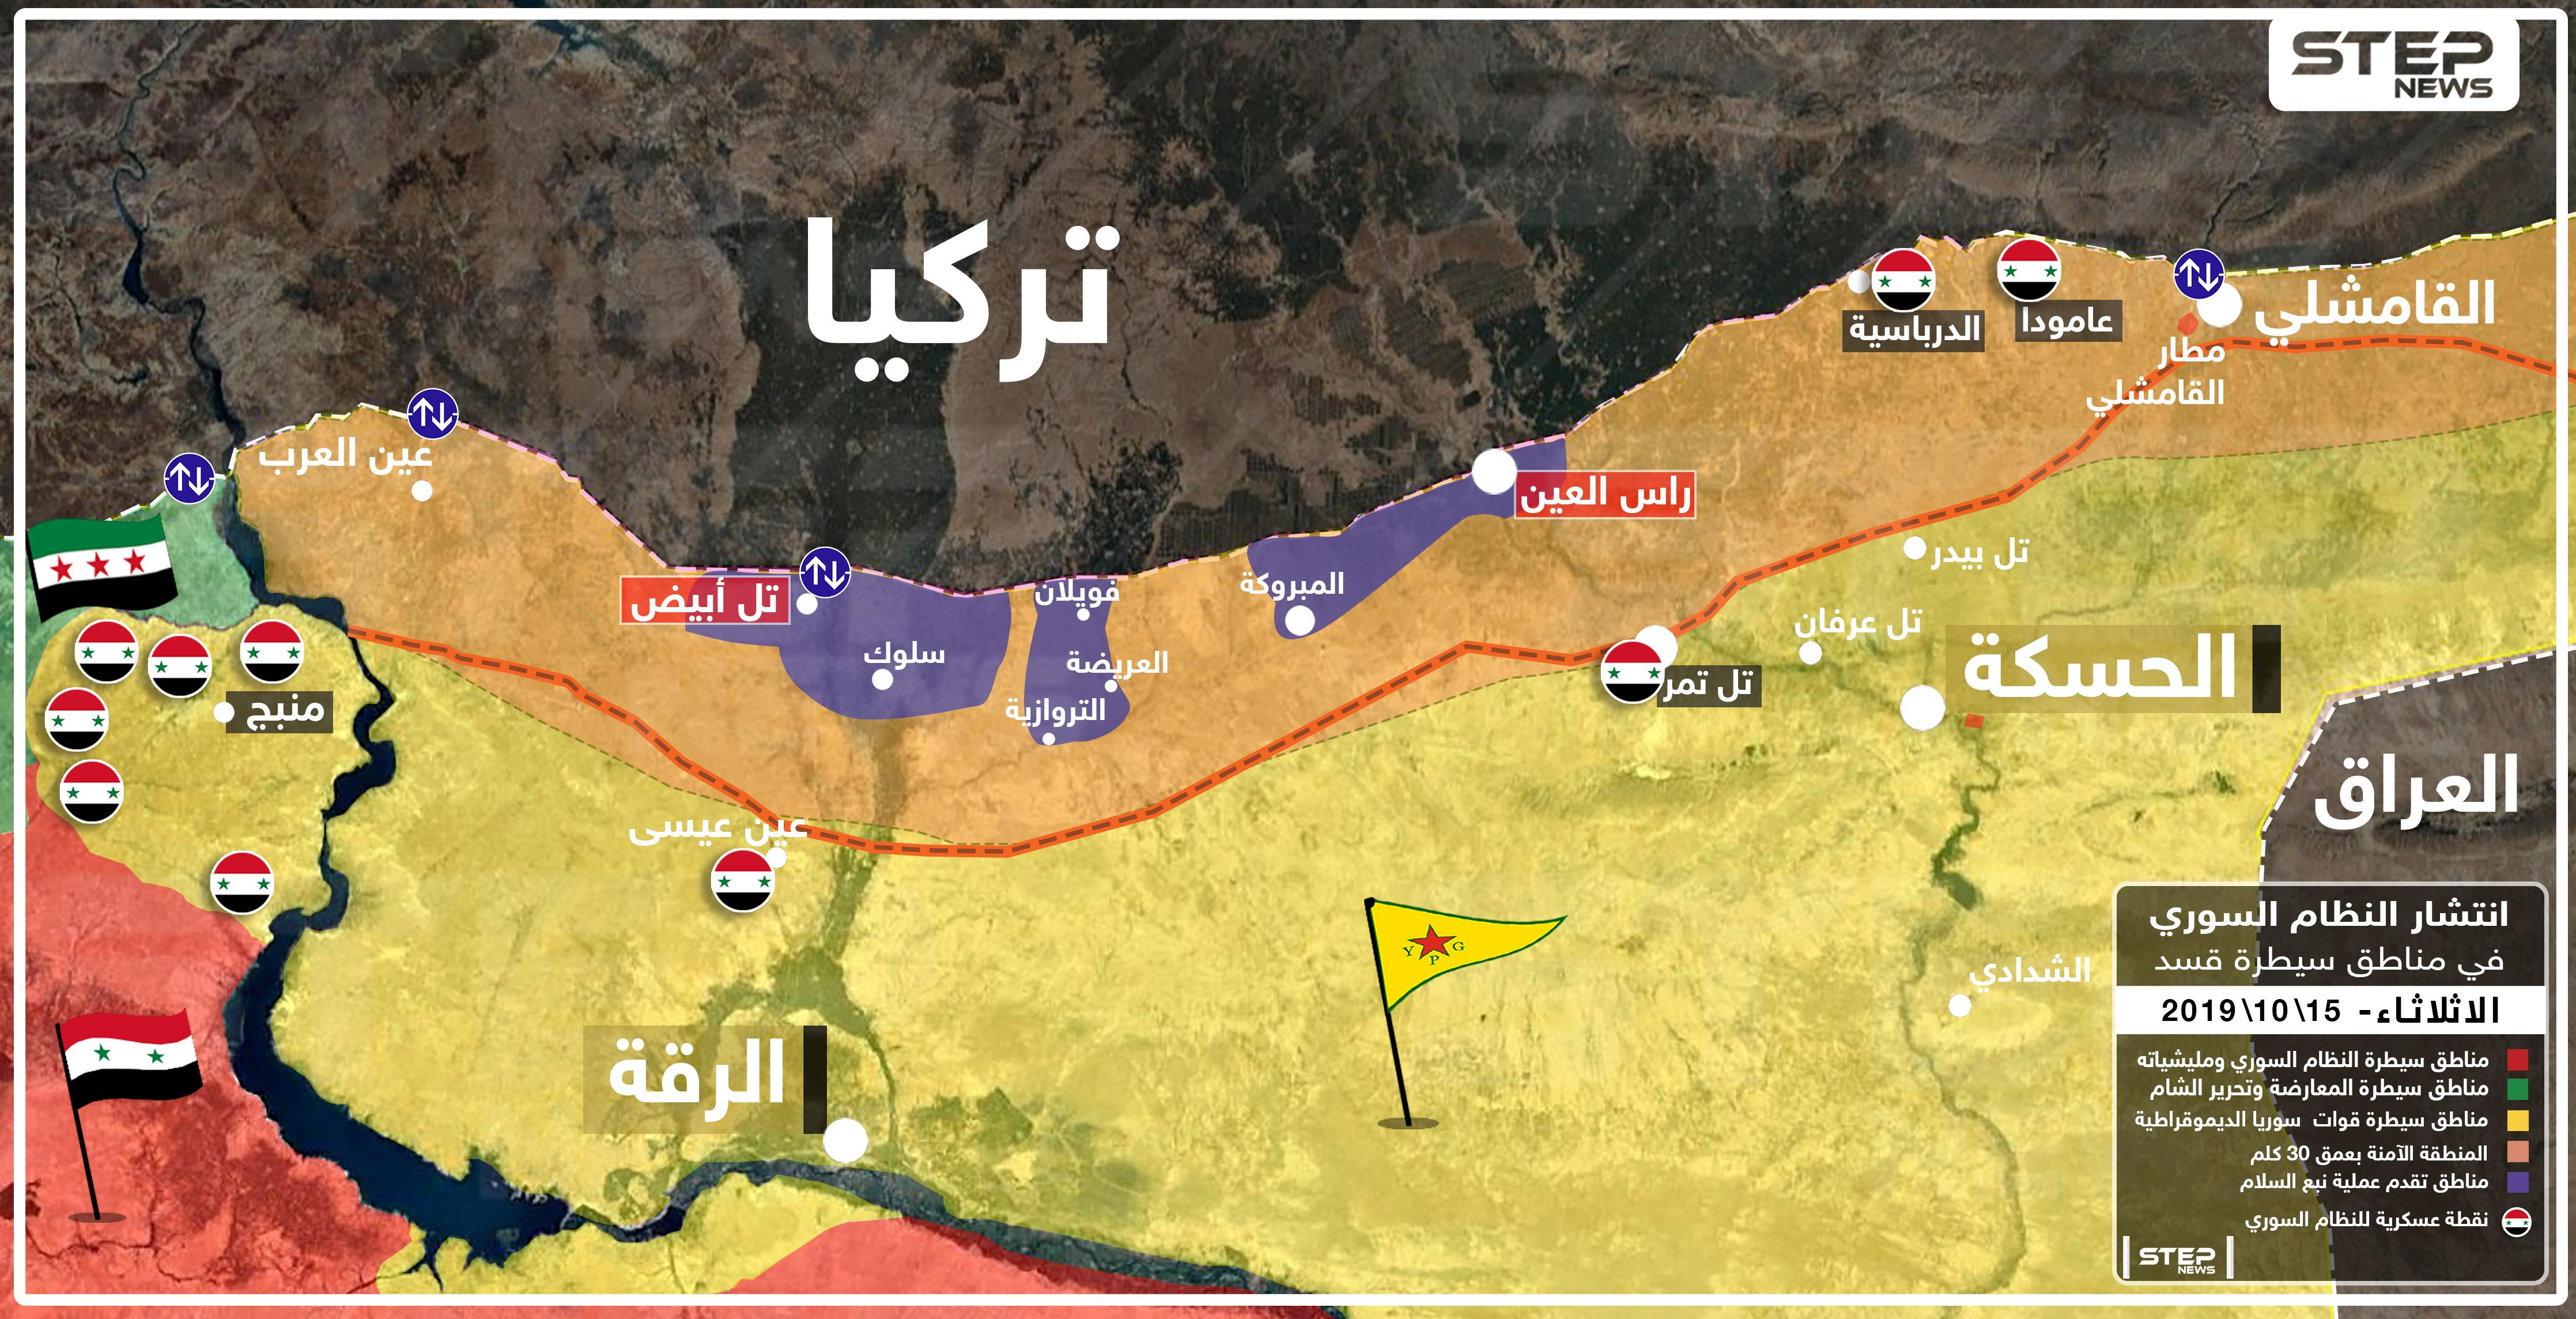 خريطة تظهر مناطق انتشار قوات النظام السوري ضمن مناطق سيطرة قسد